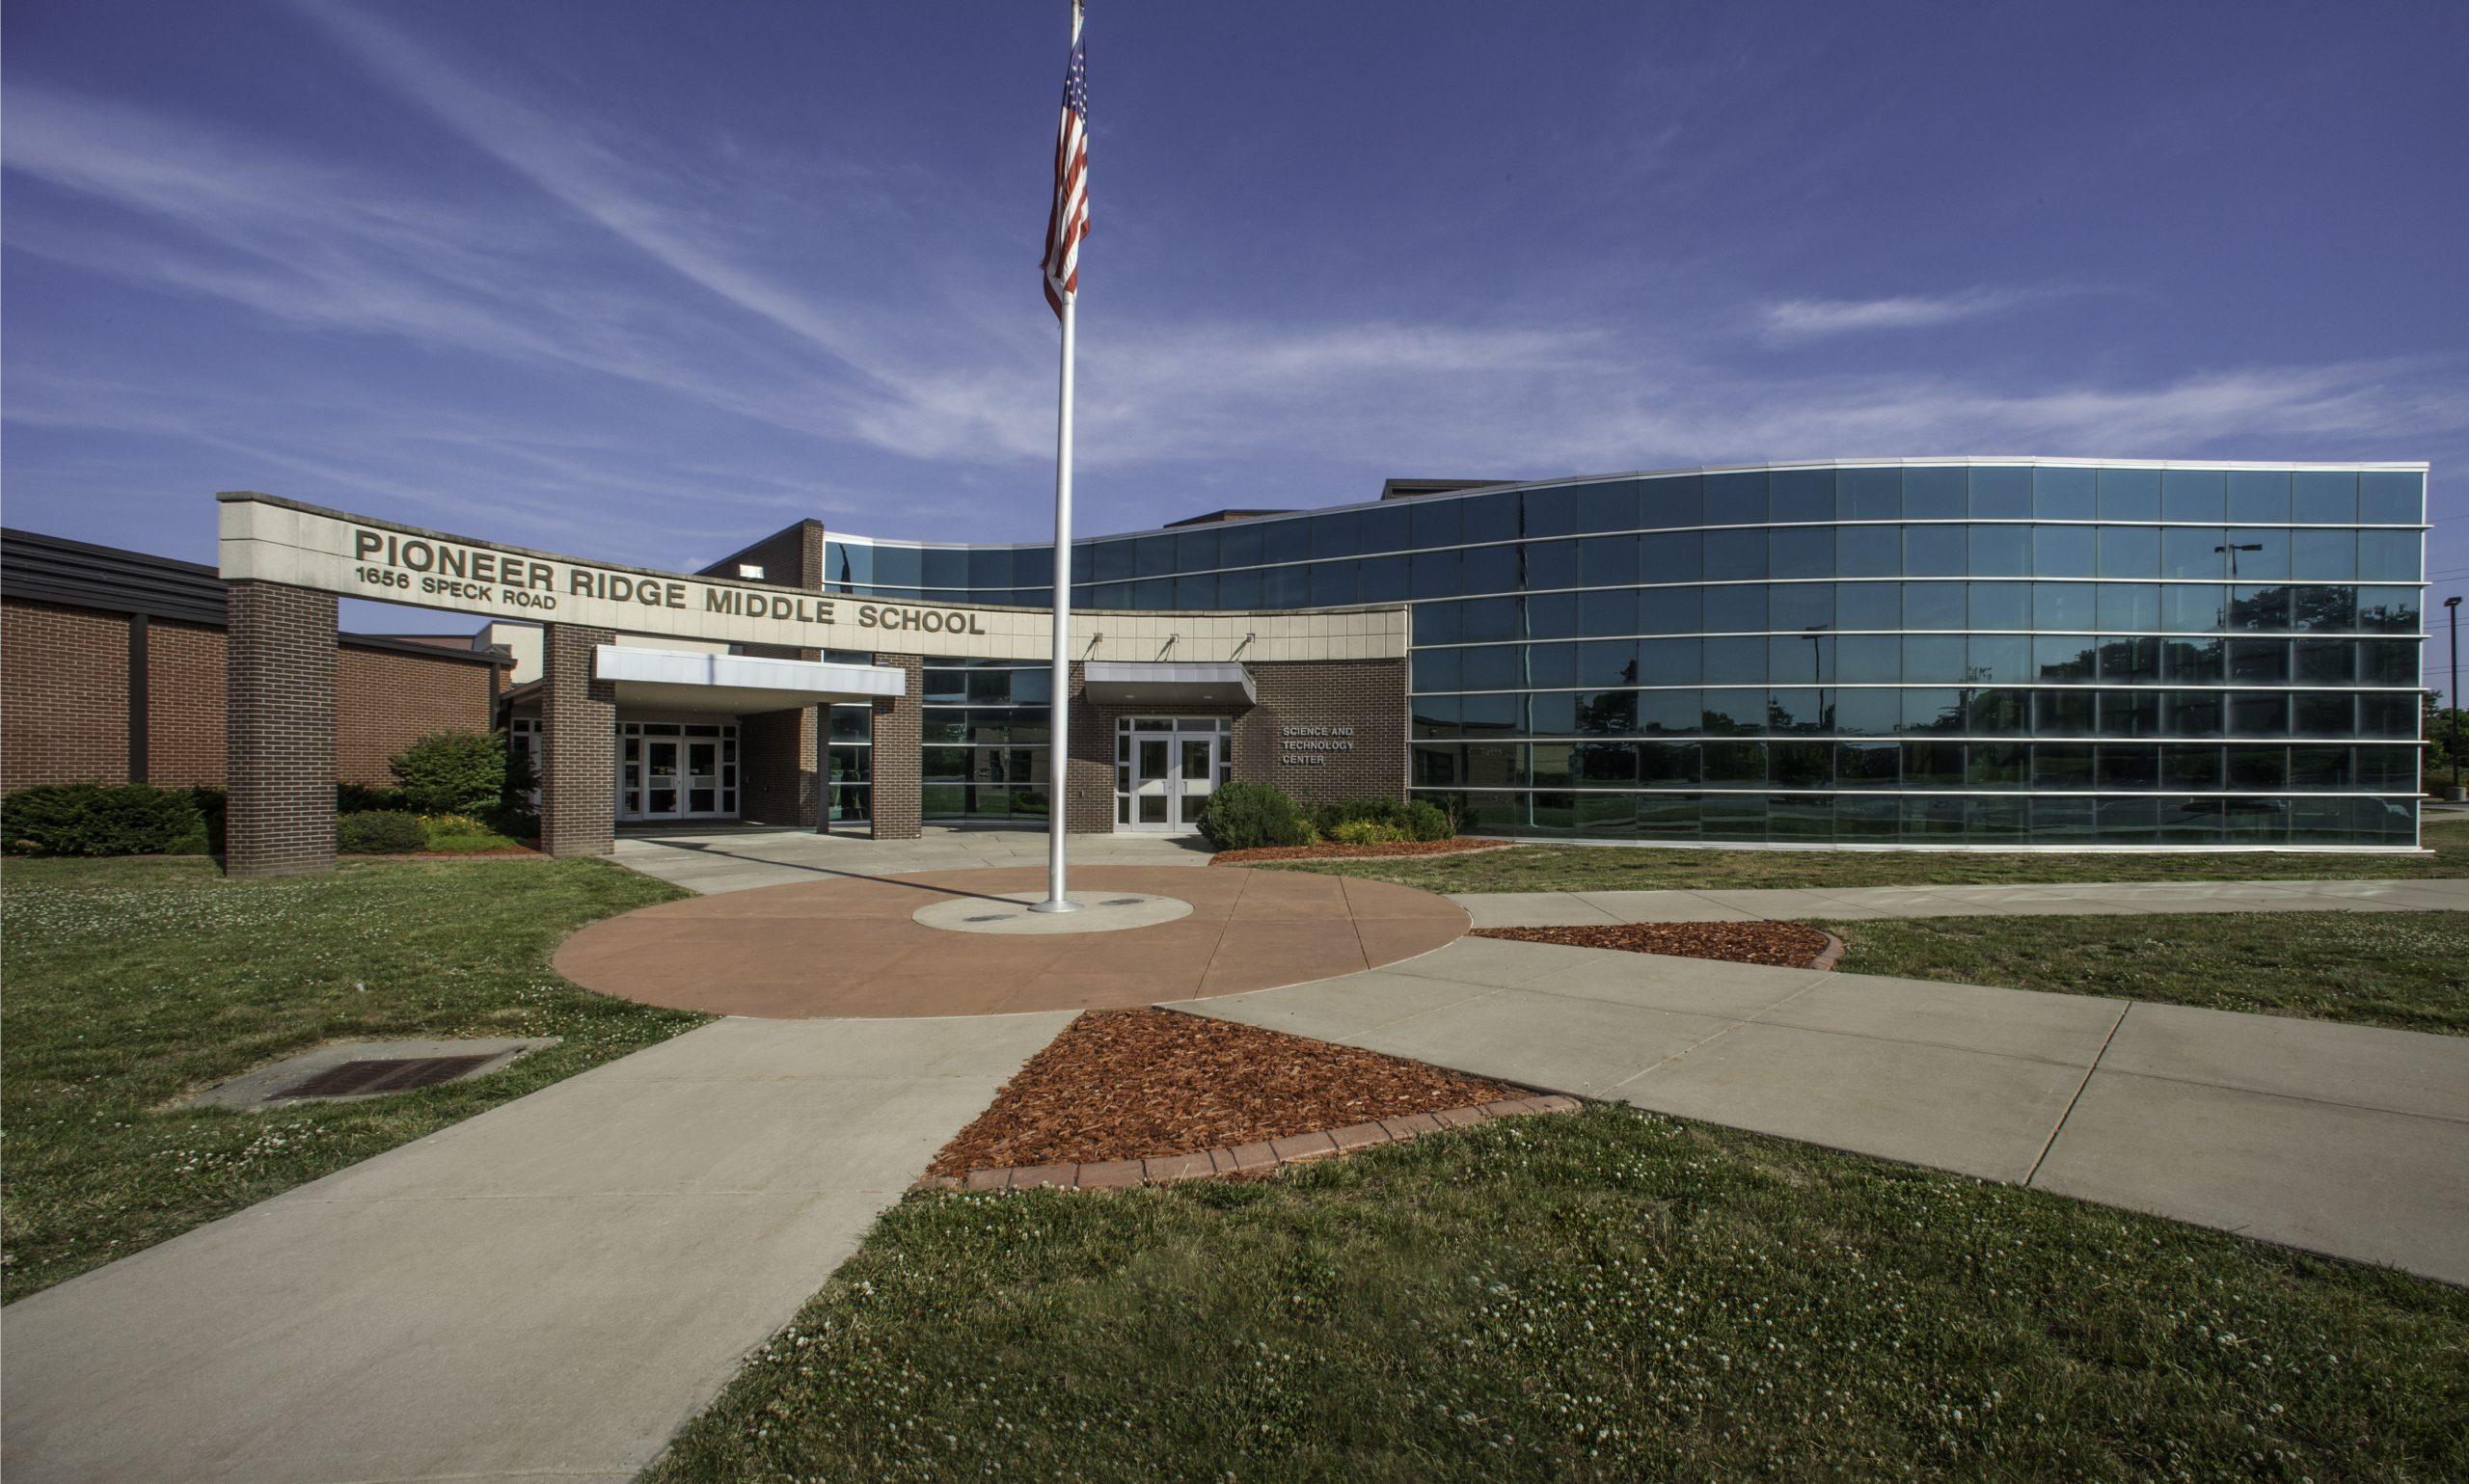 Pioneer Ridge Middle School Within School Break For Independence. Missouri Schools